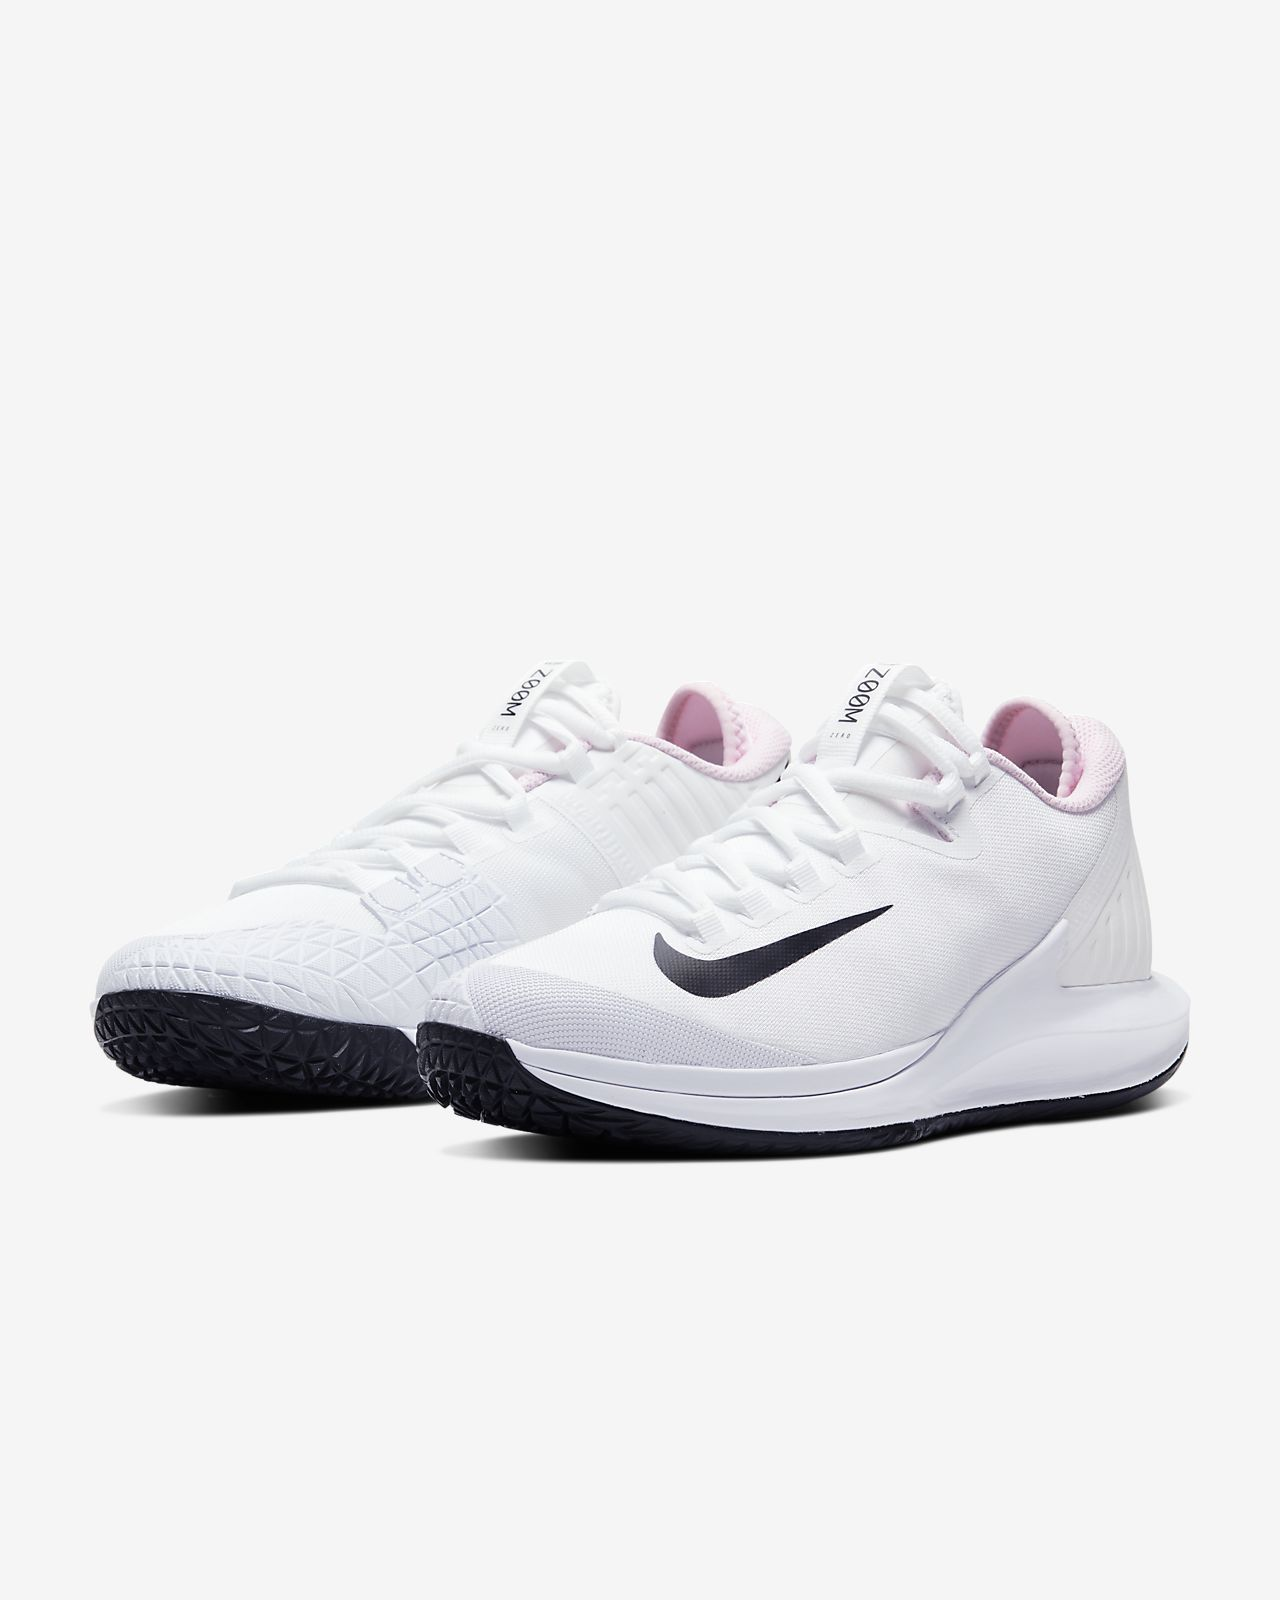 Nike Air Zoom Zero All Court Shoe Women White, Cream buy